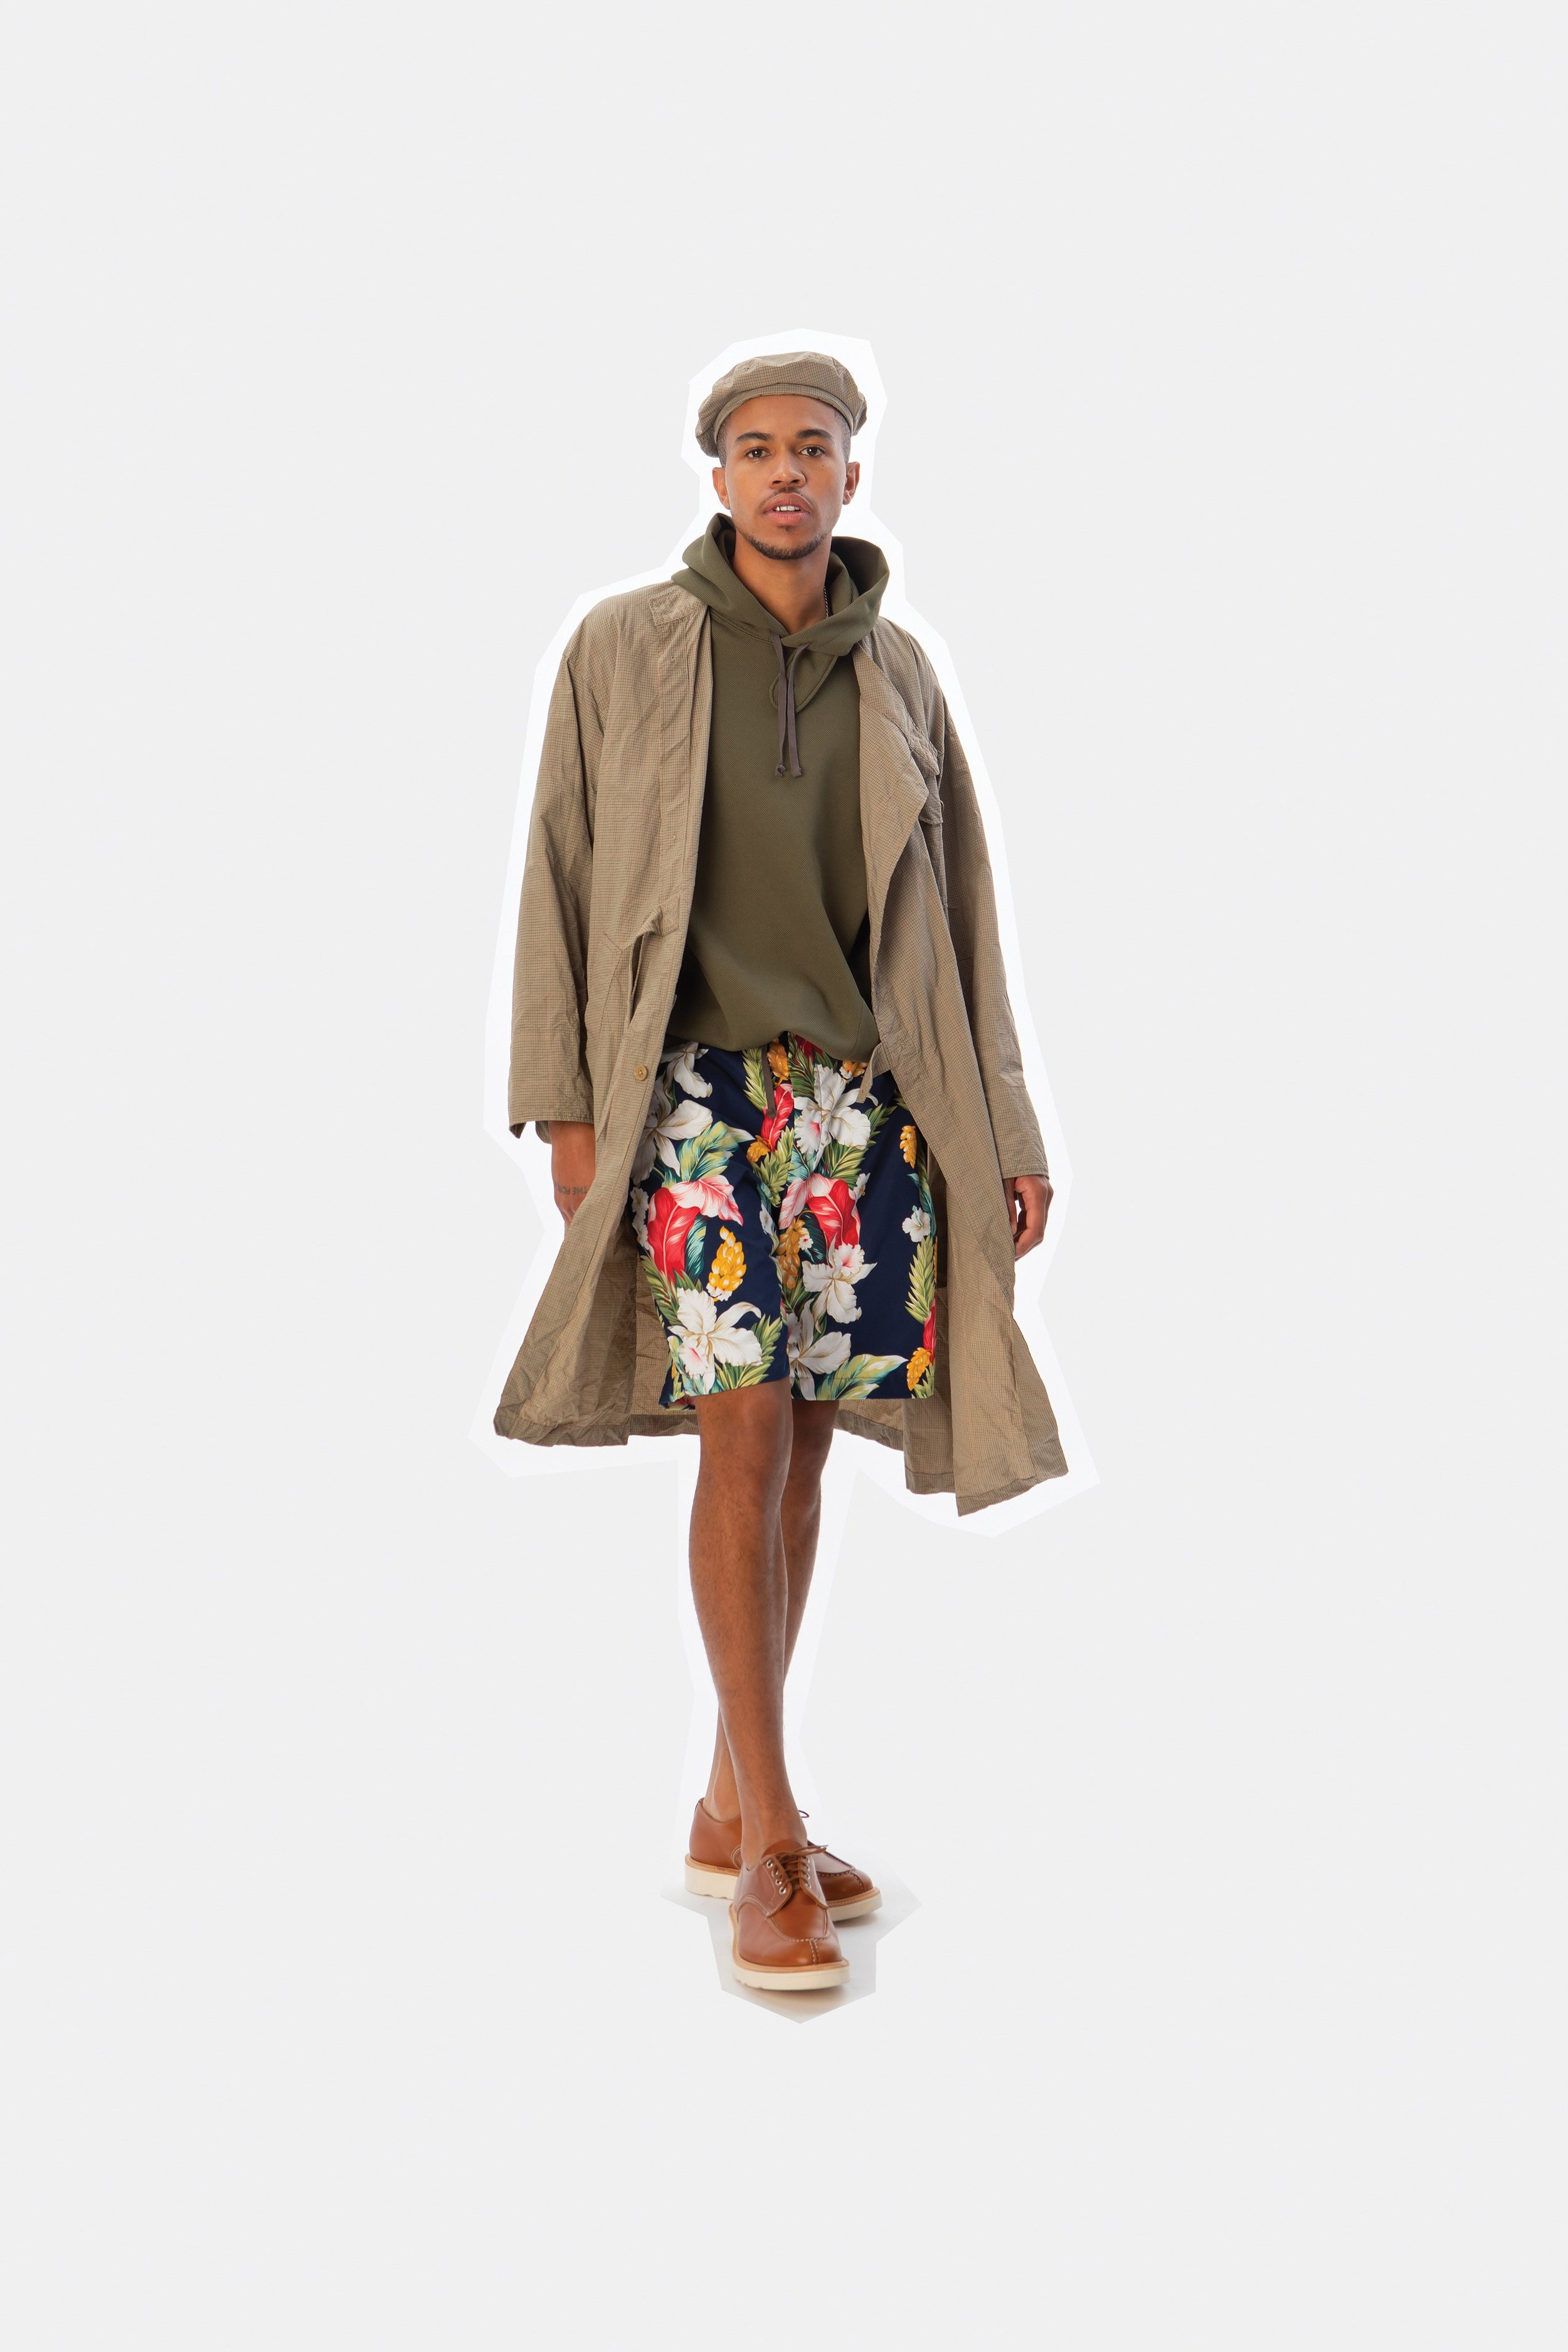 00014-Engineered-Garments-Mens-Spring-2020.jpg